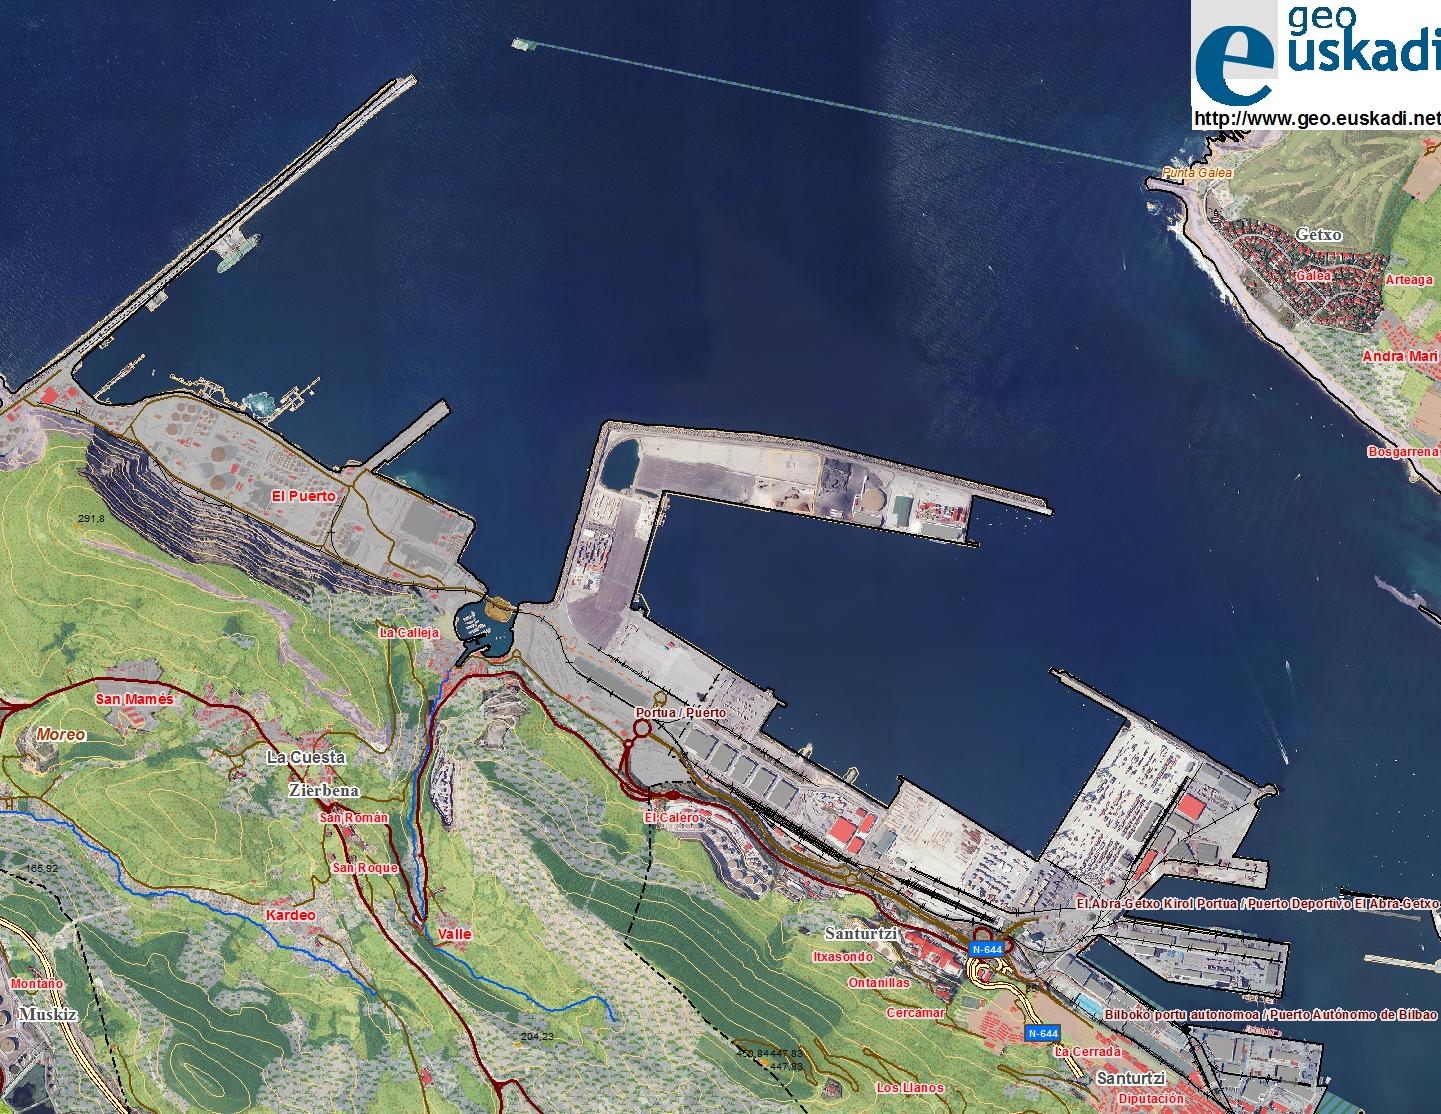 infraestructura_ferroviaria_trafico_ferroportuario.jpg